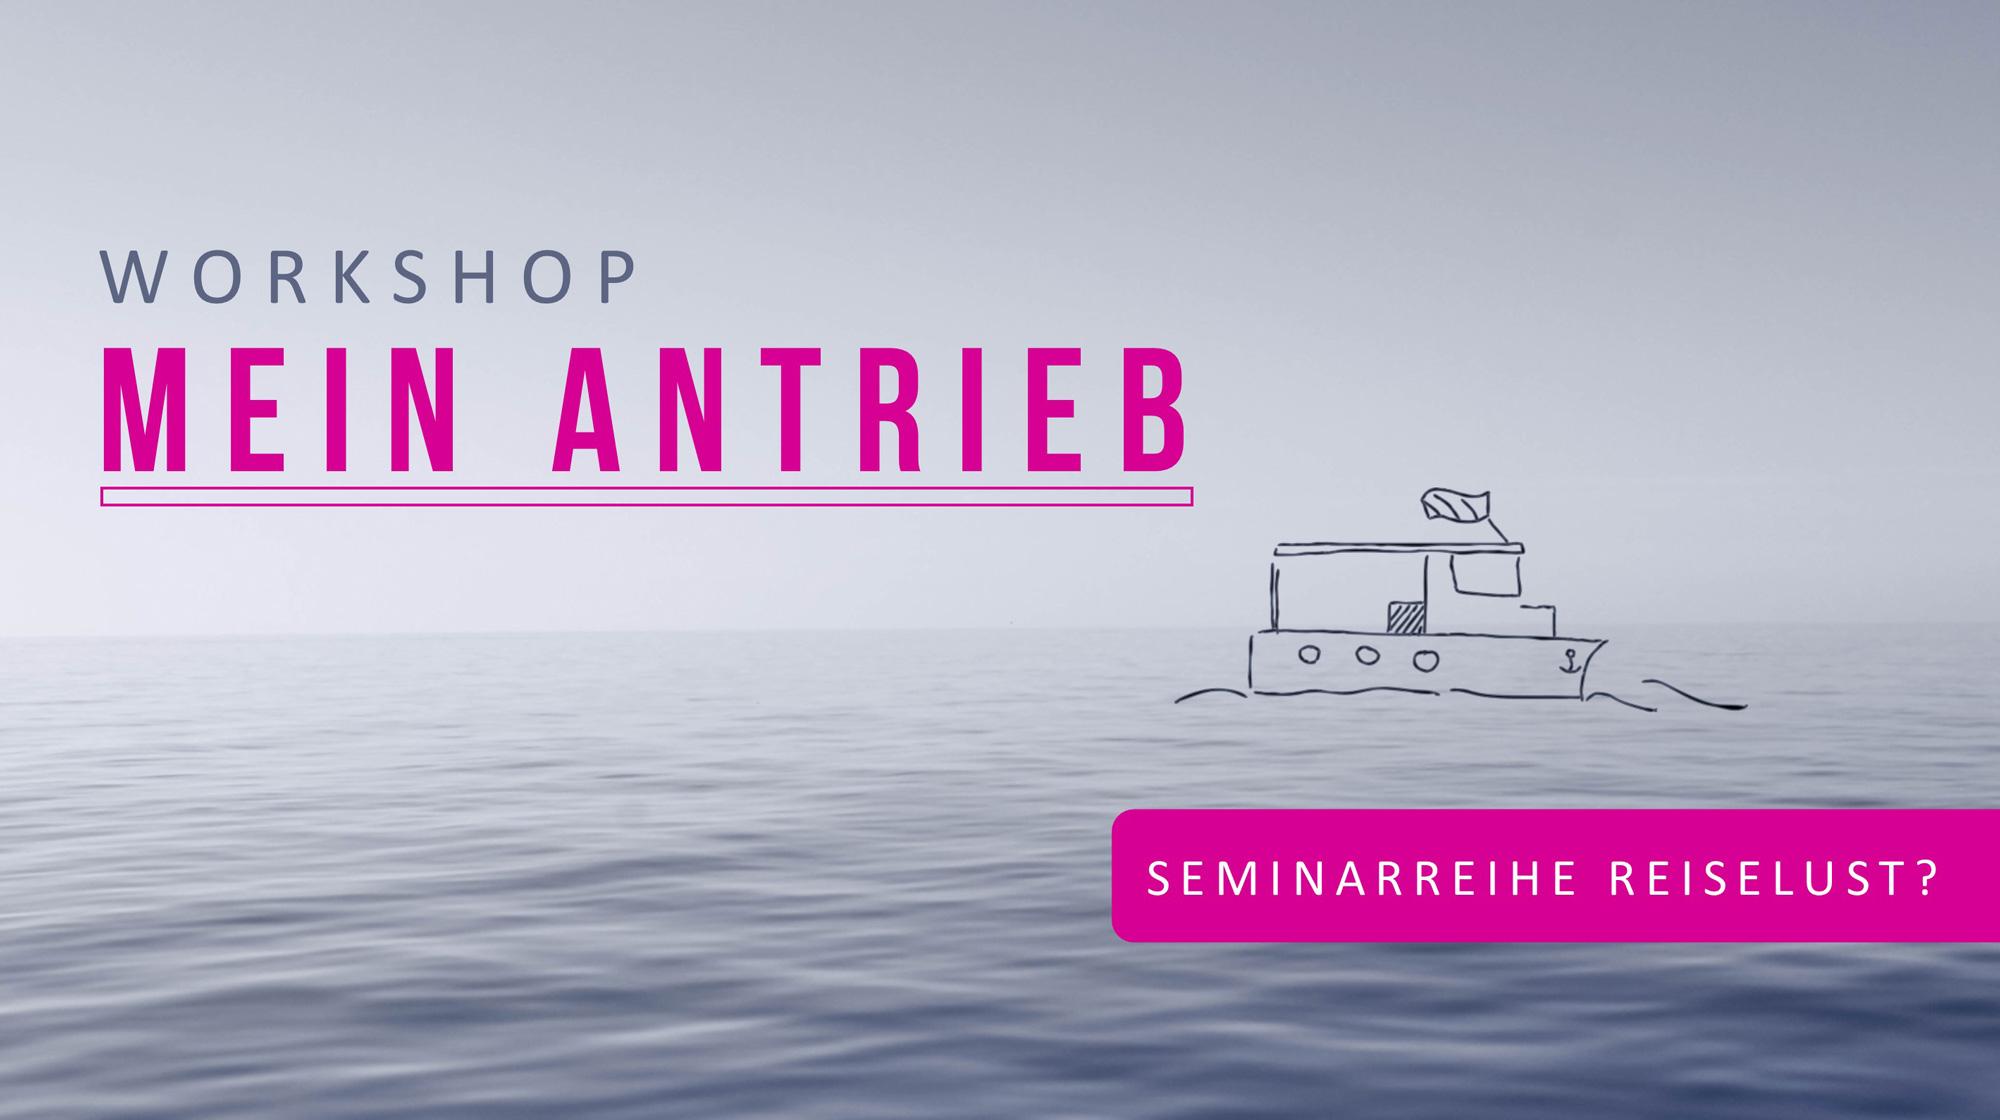 Workshop MEIN ANTRIEB